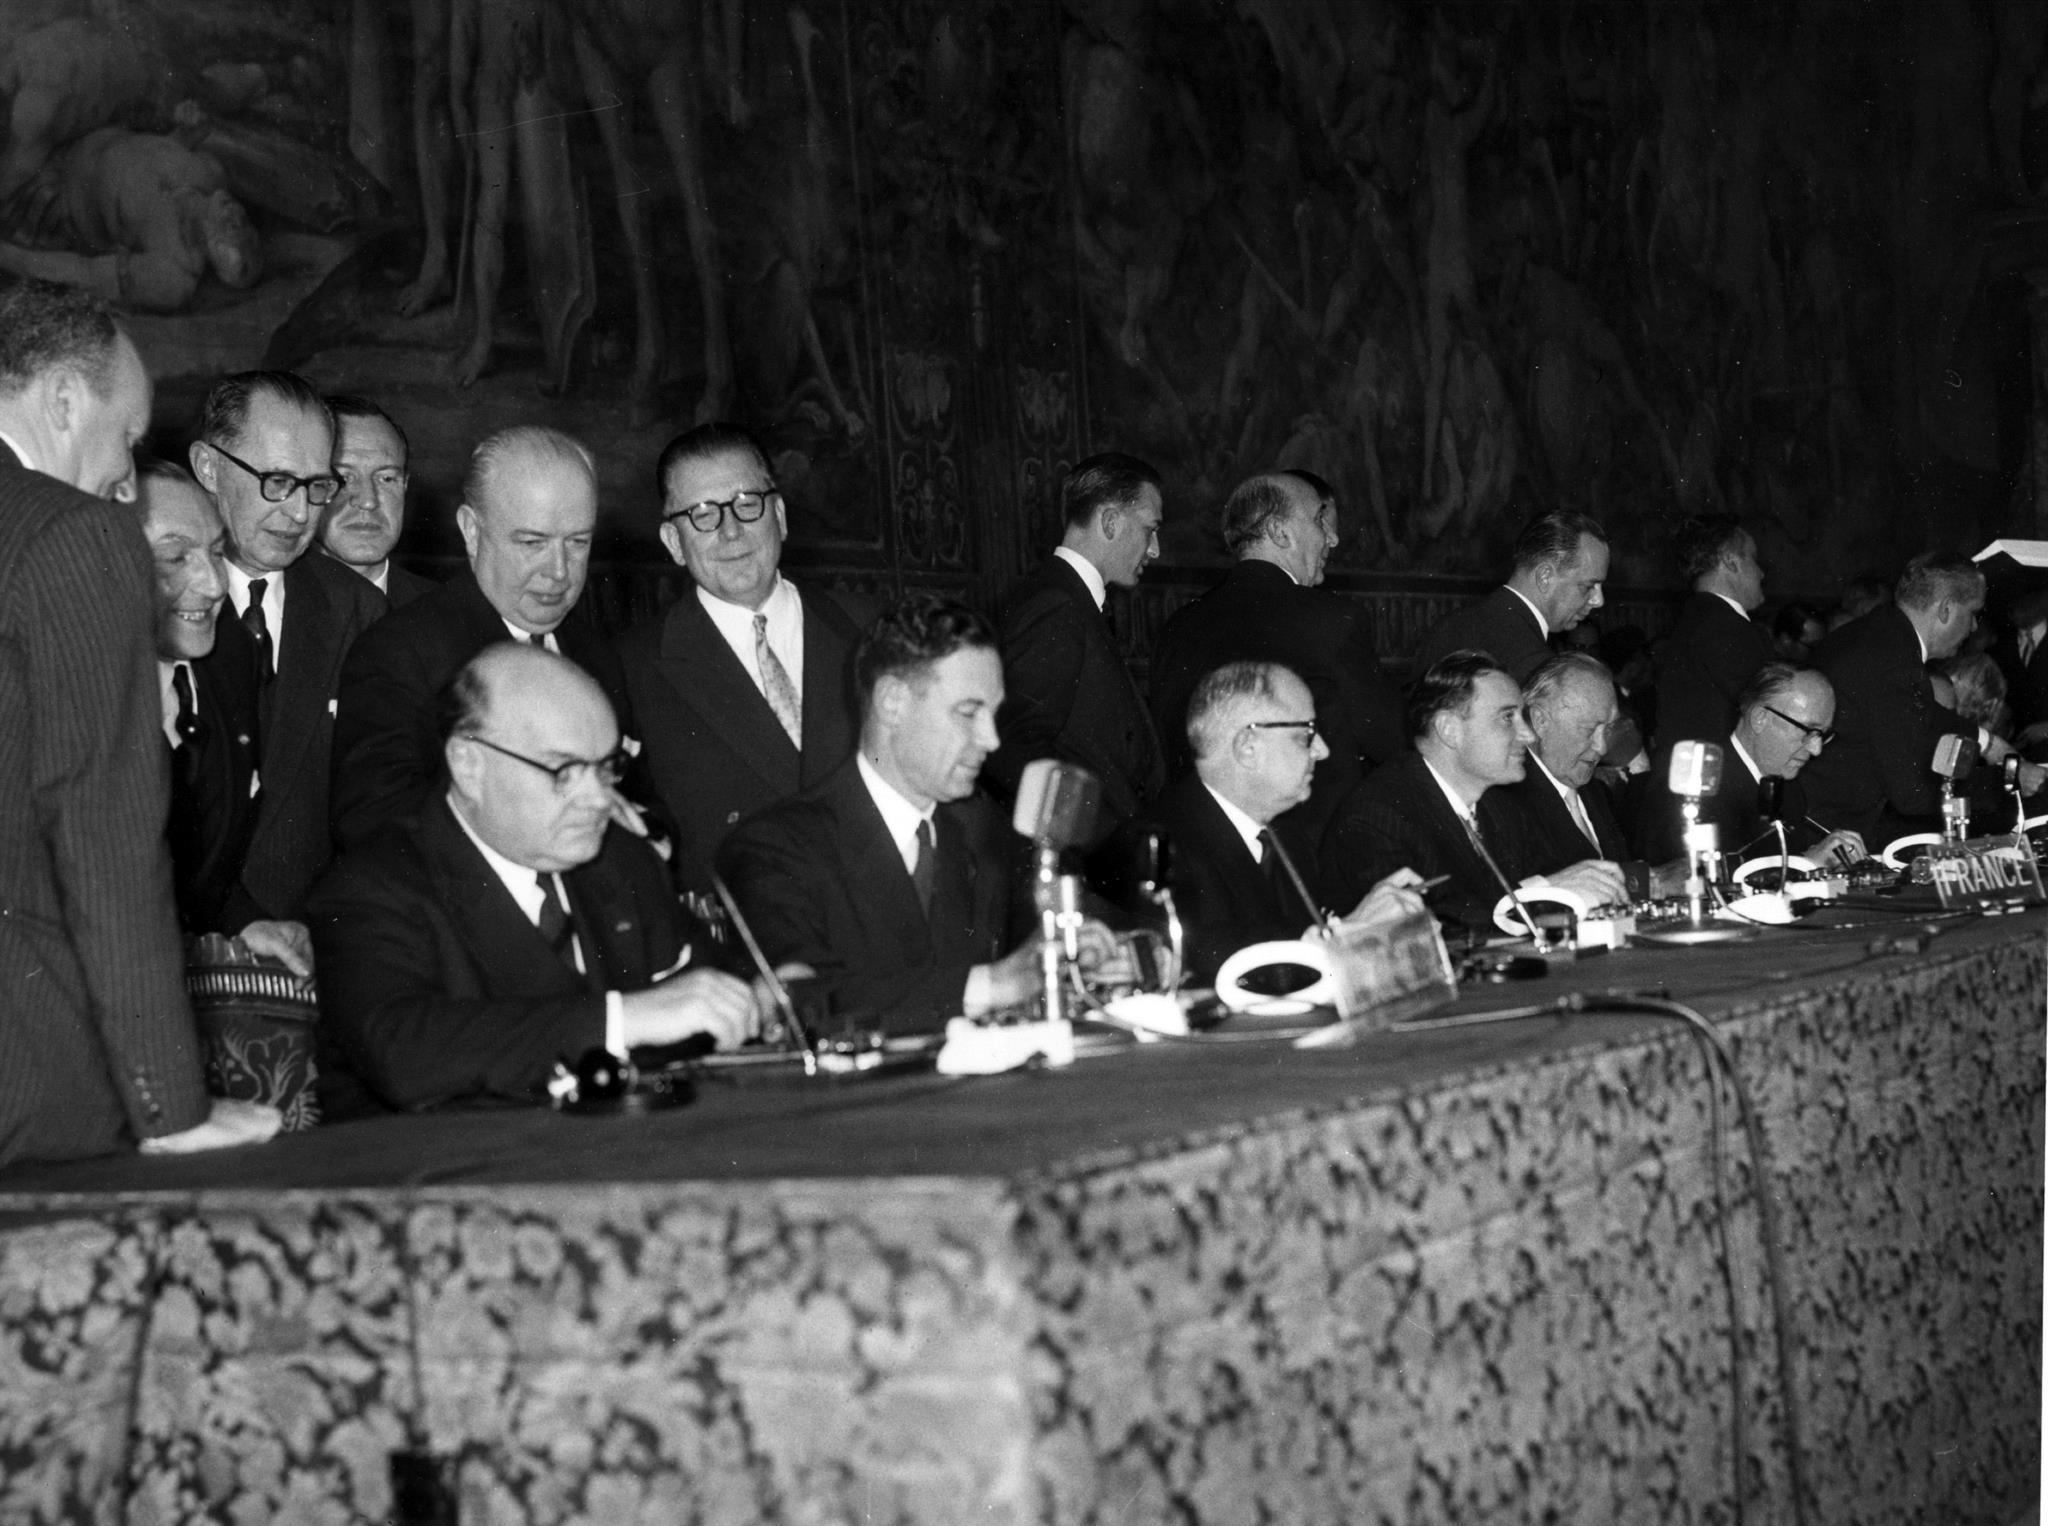 Da esquerda para a direita: assinatura dos tratados pela Bélgica, França e Alemanha. Paul-Henri Spaak, Jean-Charles Snoy et d'Oppuers, Christian Pineau, Maurice Faure, Konrad Adenauer e Walter Hallstein.